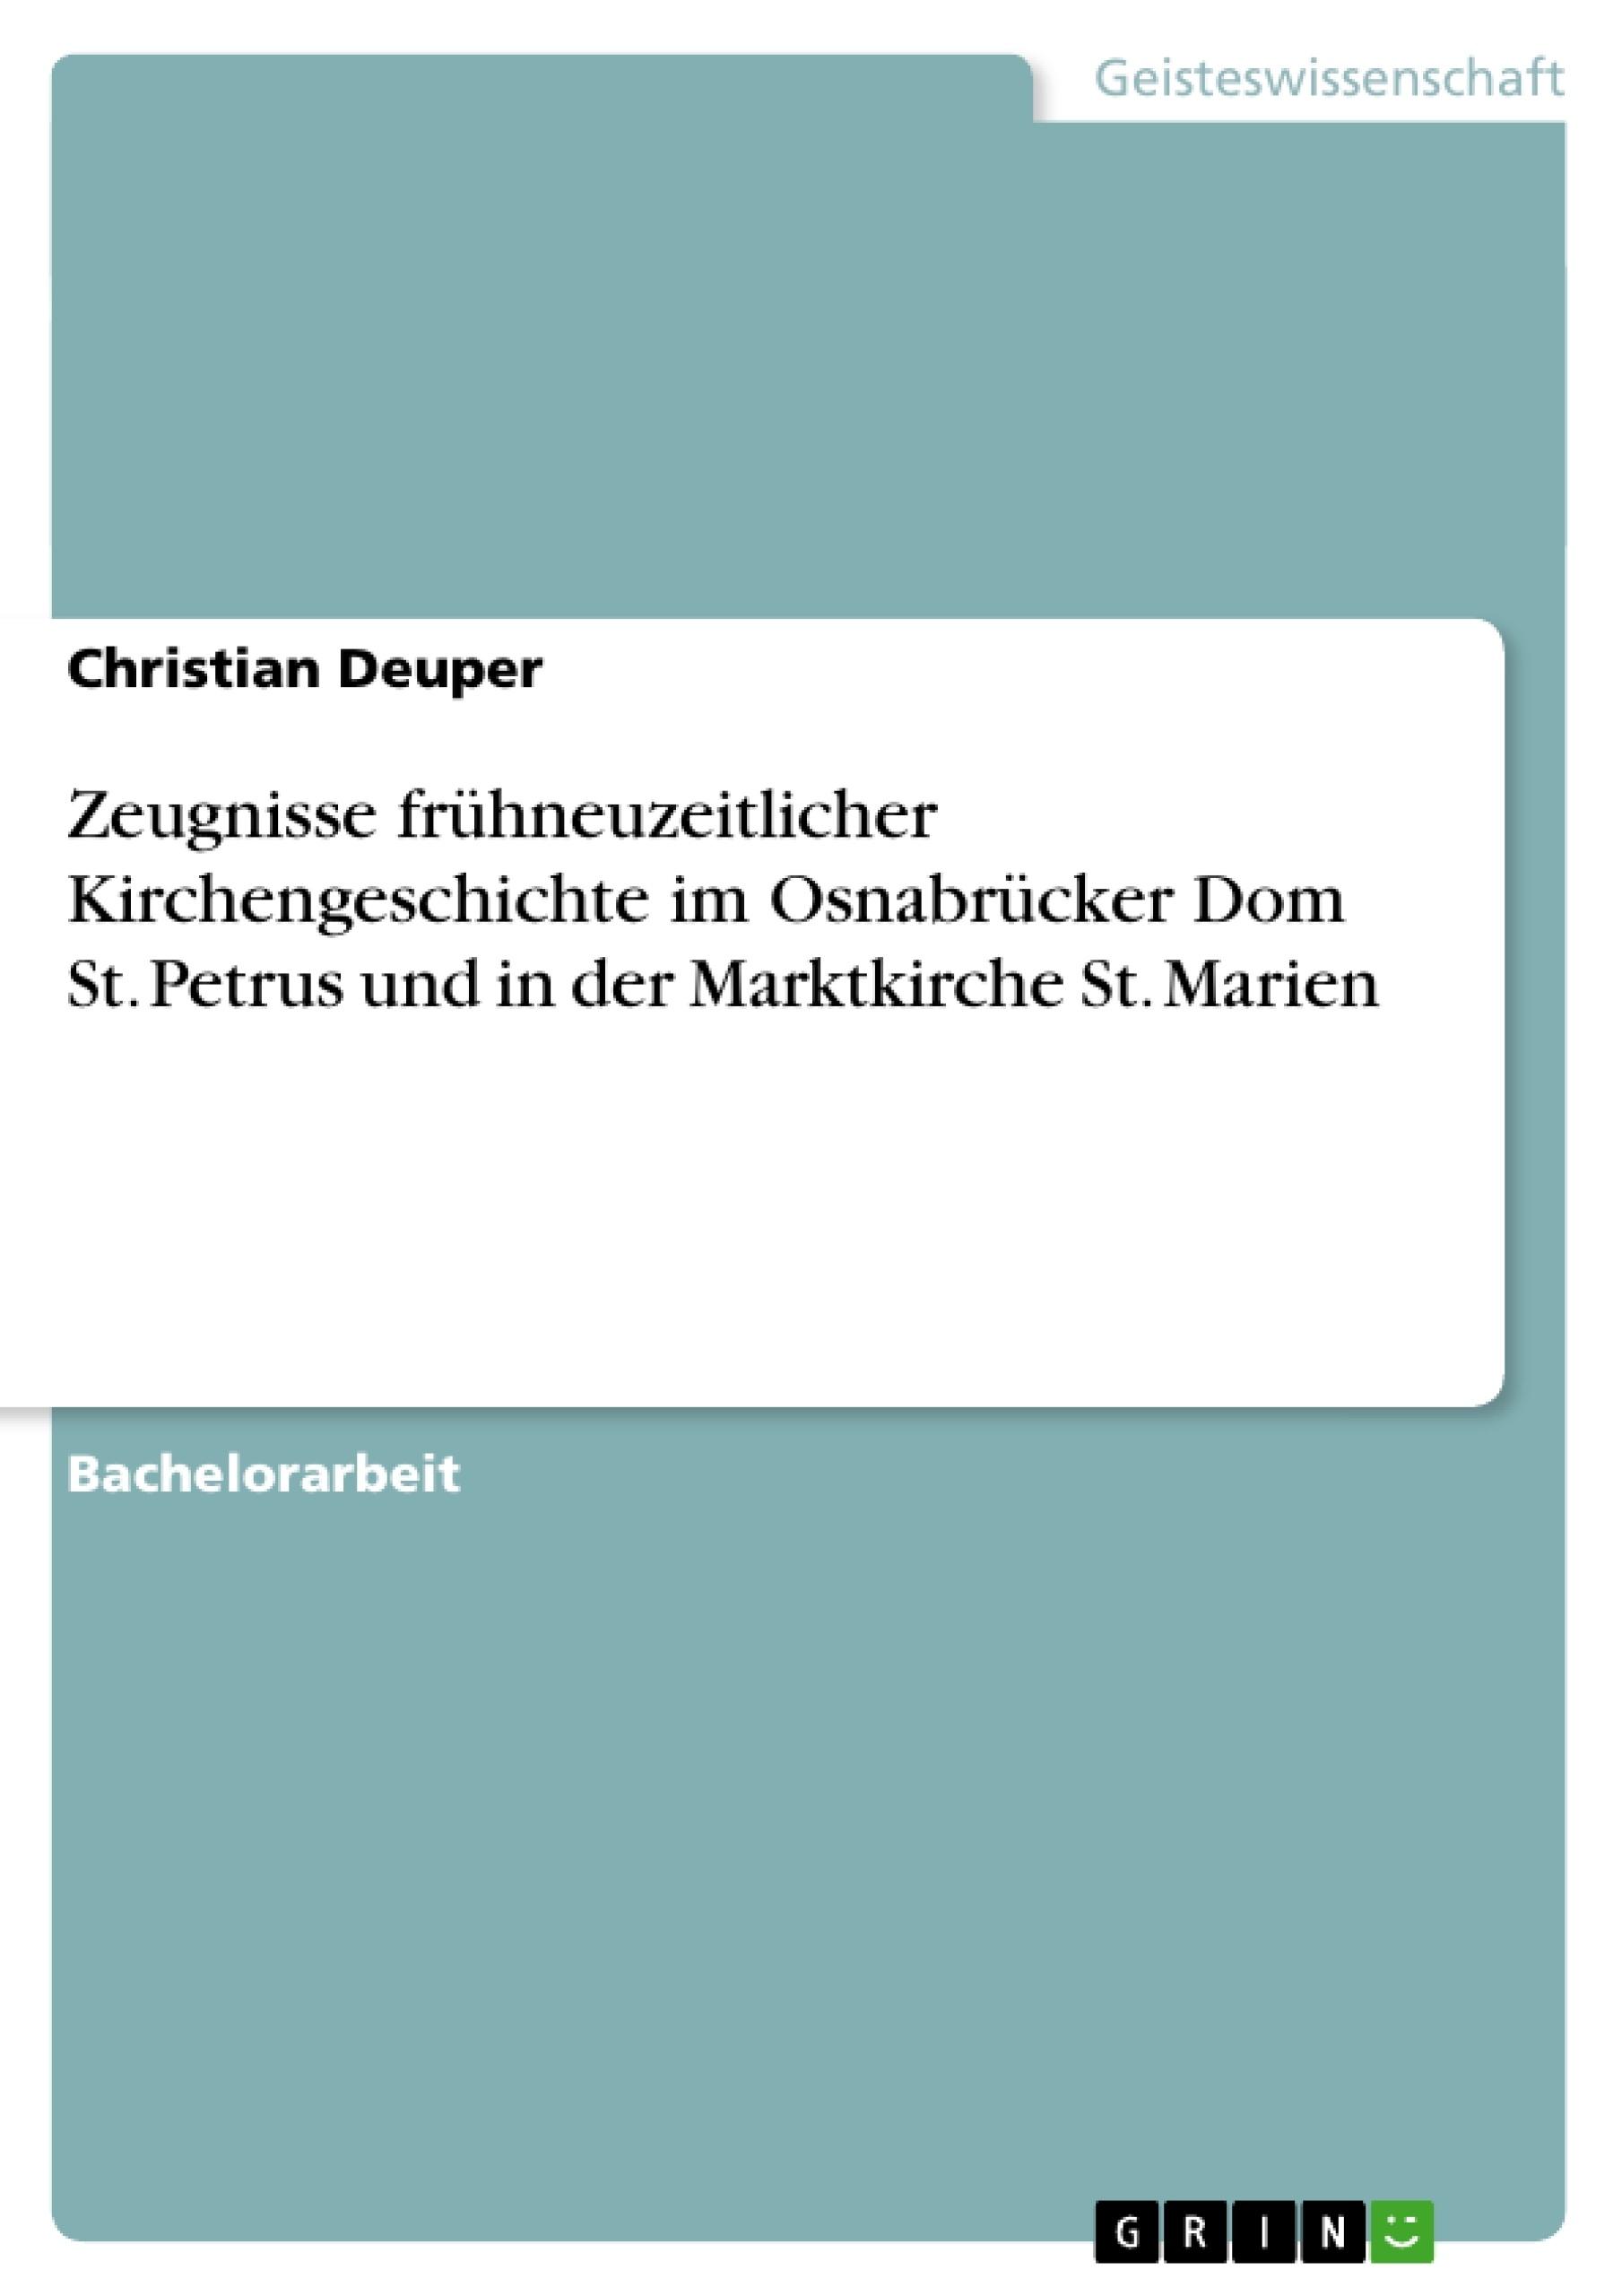 Titel: Zeugnisse frühneuzeitlicher Kirchengeschichte im Osnabrücker Dom St. Petrus und in der Marktkirche St. Marien